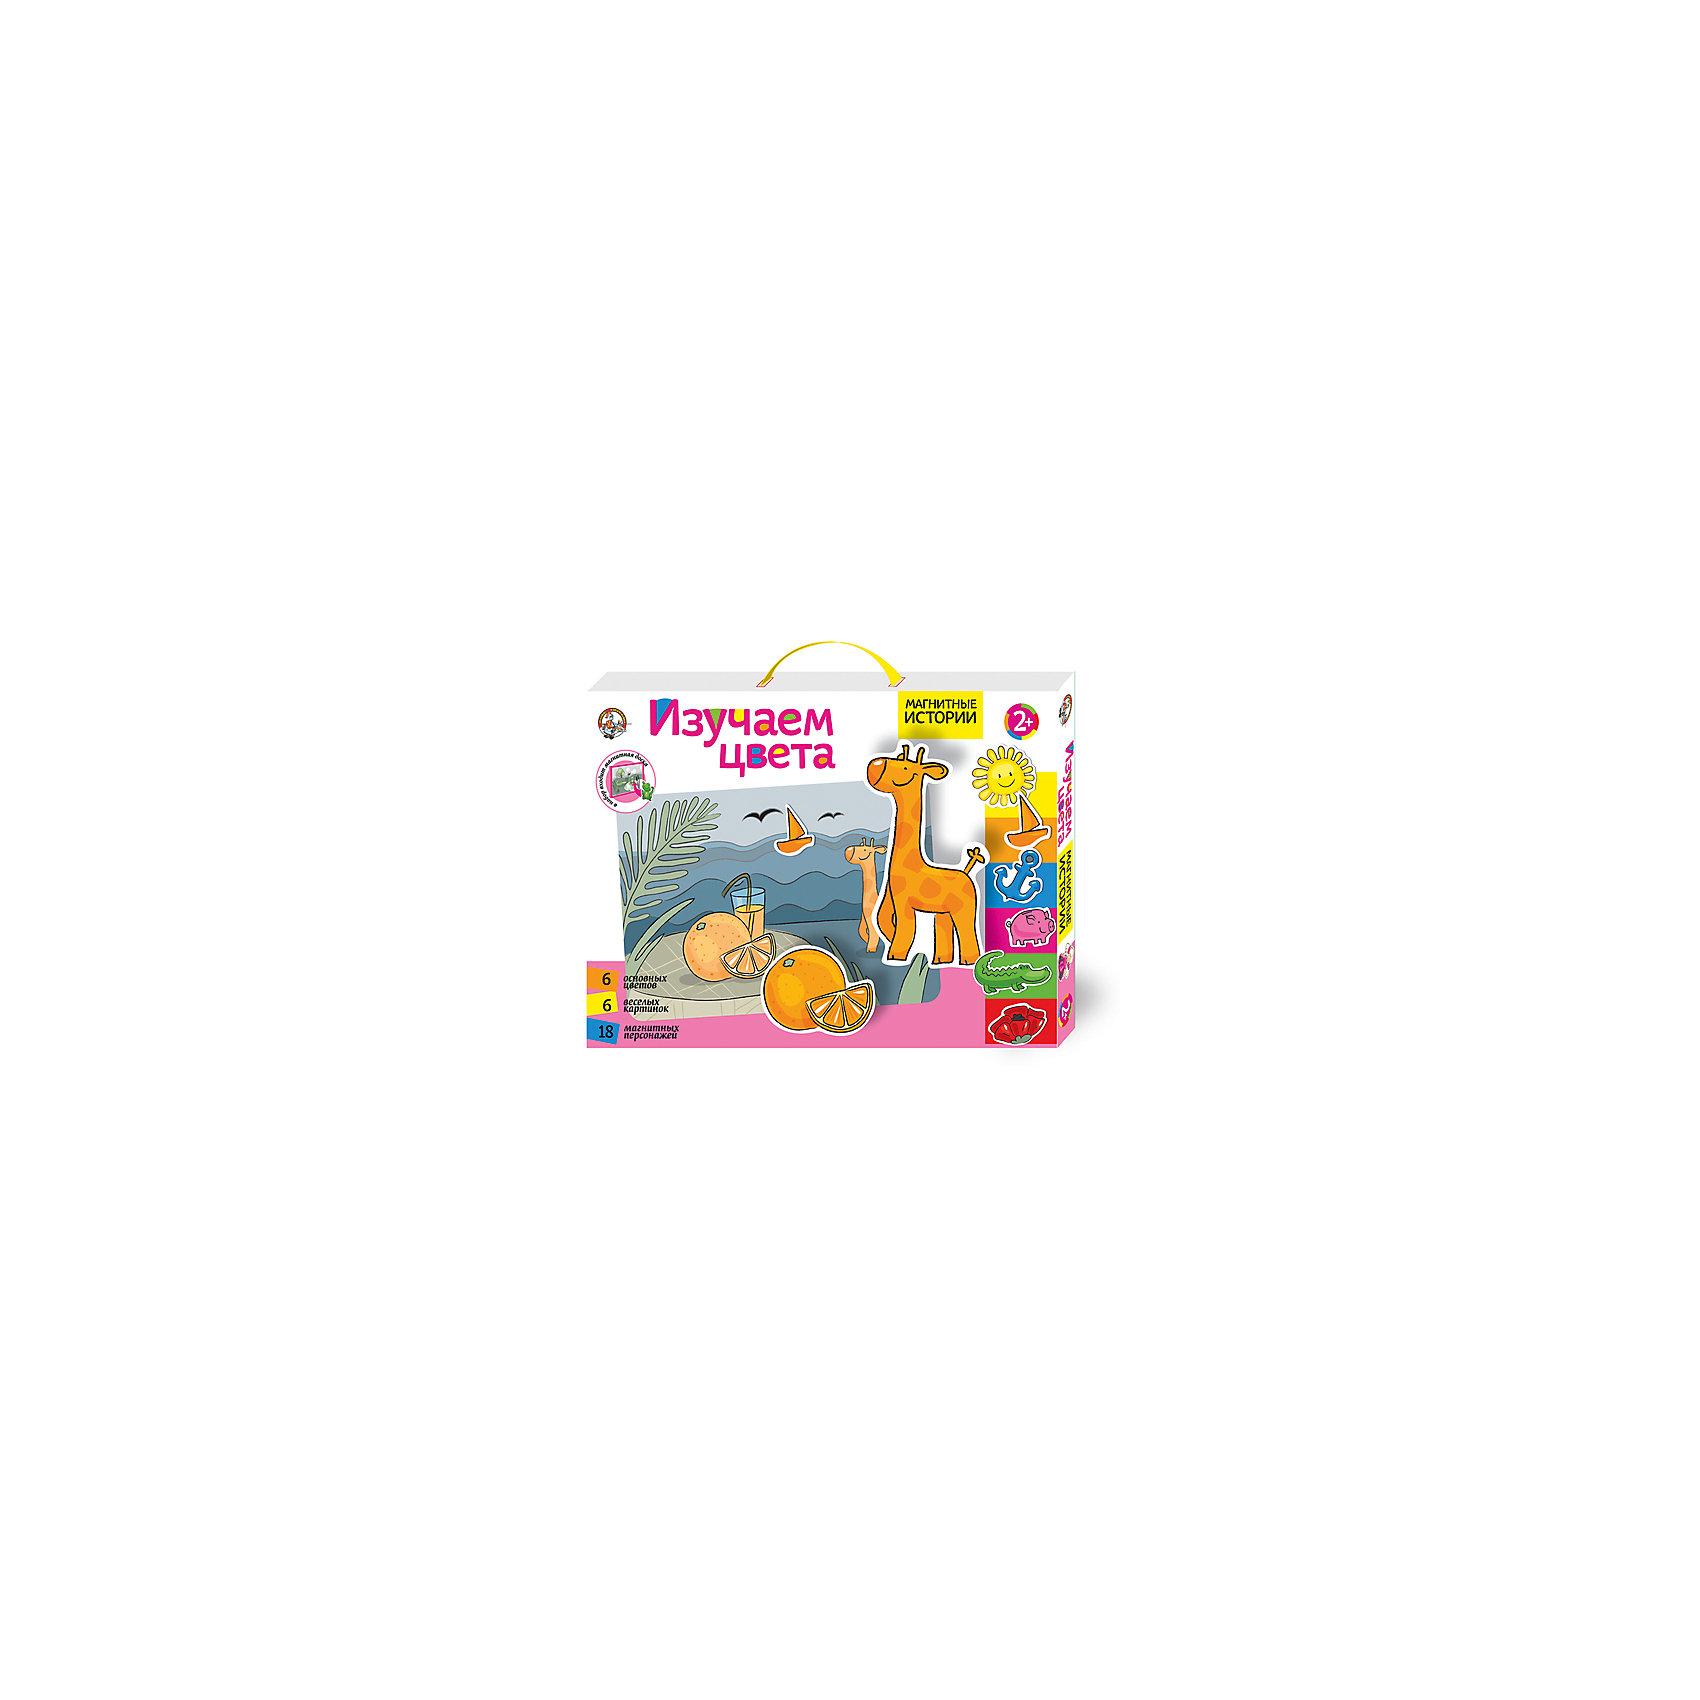 Игра  Магнитные истории. Изучаем цвета, Десятое королевствоРазвивающие игры<br>Игра  Магнитные истории. Изучаем цвета, Десятое королевство создана для того, чтобы в интересной игровой форме познакомить малыша с шестью основными цветами. Для игры выберите одну из шести картинок и закрепите ее на доске магнитными уголками. Помогите ребенку выбрать соответствующие фигурки с забавными мордочками. Обсудите с малышом, что нарисовано на картинке, и как называется цвет подобранной фигурки. Играя, ребенок сможет запомнить цвета, развить речь, мелкую моторику пальцев, координацию движения рук, а также внимательность, мышление и сообразительность. <br><br>Комплектация: магнитная доска, 6 картинок, 18 магнитных фигурок, 4 магнитных уголка для дополнительной фиксации полей<br><br>Дополнительная информация:<br>-Размер упаковки: 36,5х26х3,5 см<br>-Материалы: пластик, металл<br>-Вес упаковки: 600 г<br><br>Яркая Игра  Магнитные истории. Изучаем цвета понравится любому малышу, ведь с её помощью он сможет быстро и легко выучить шесть основных цветов!<br><br>Игра  Магнитные истории. Изучаем цвета, Десятое королевство можно купить в нашем магазине.<br><br>Ширина мм: 360<br>Глубина мм: 260<br>Высота мм: 30<br>Вес г: 600<br>Возраст от месяцев: 24<br>Возраст до месяцев: 48<br>Пол: Унисекс<br>Возраст: Детский<br>SKU: 4215835